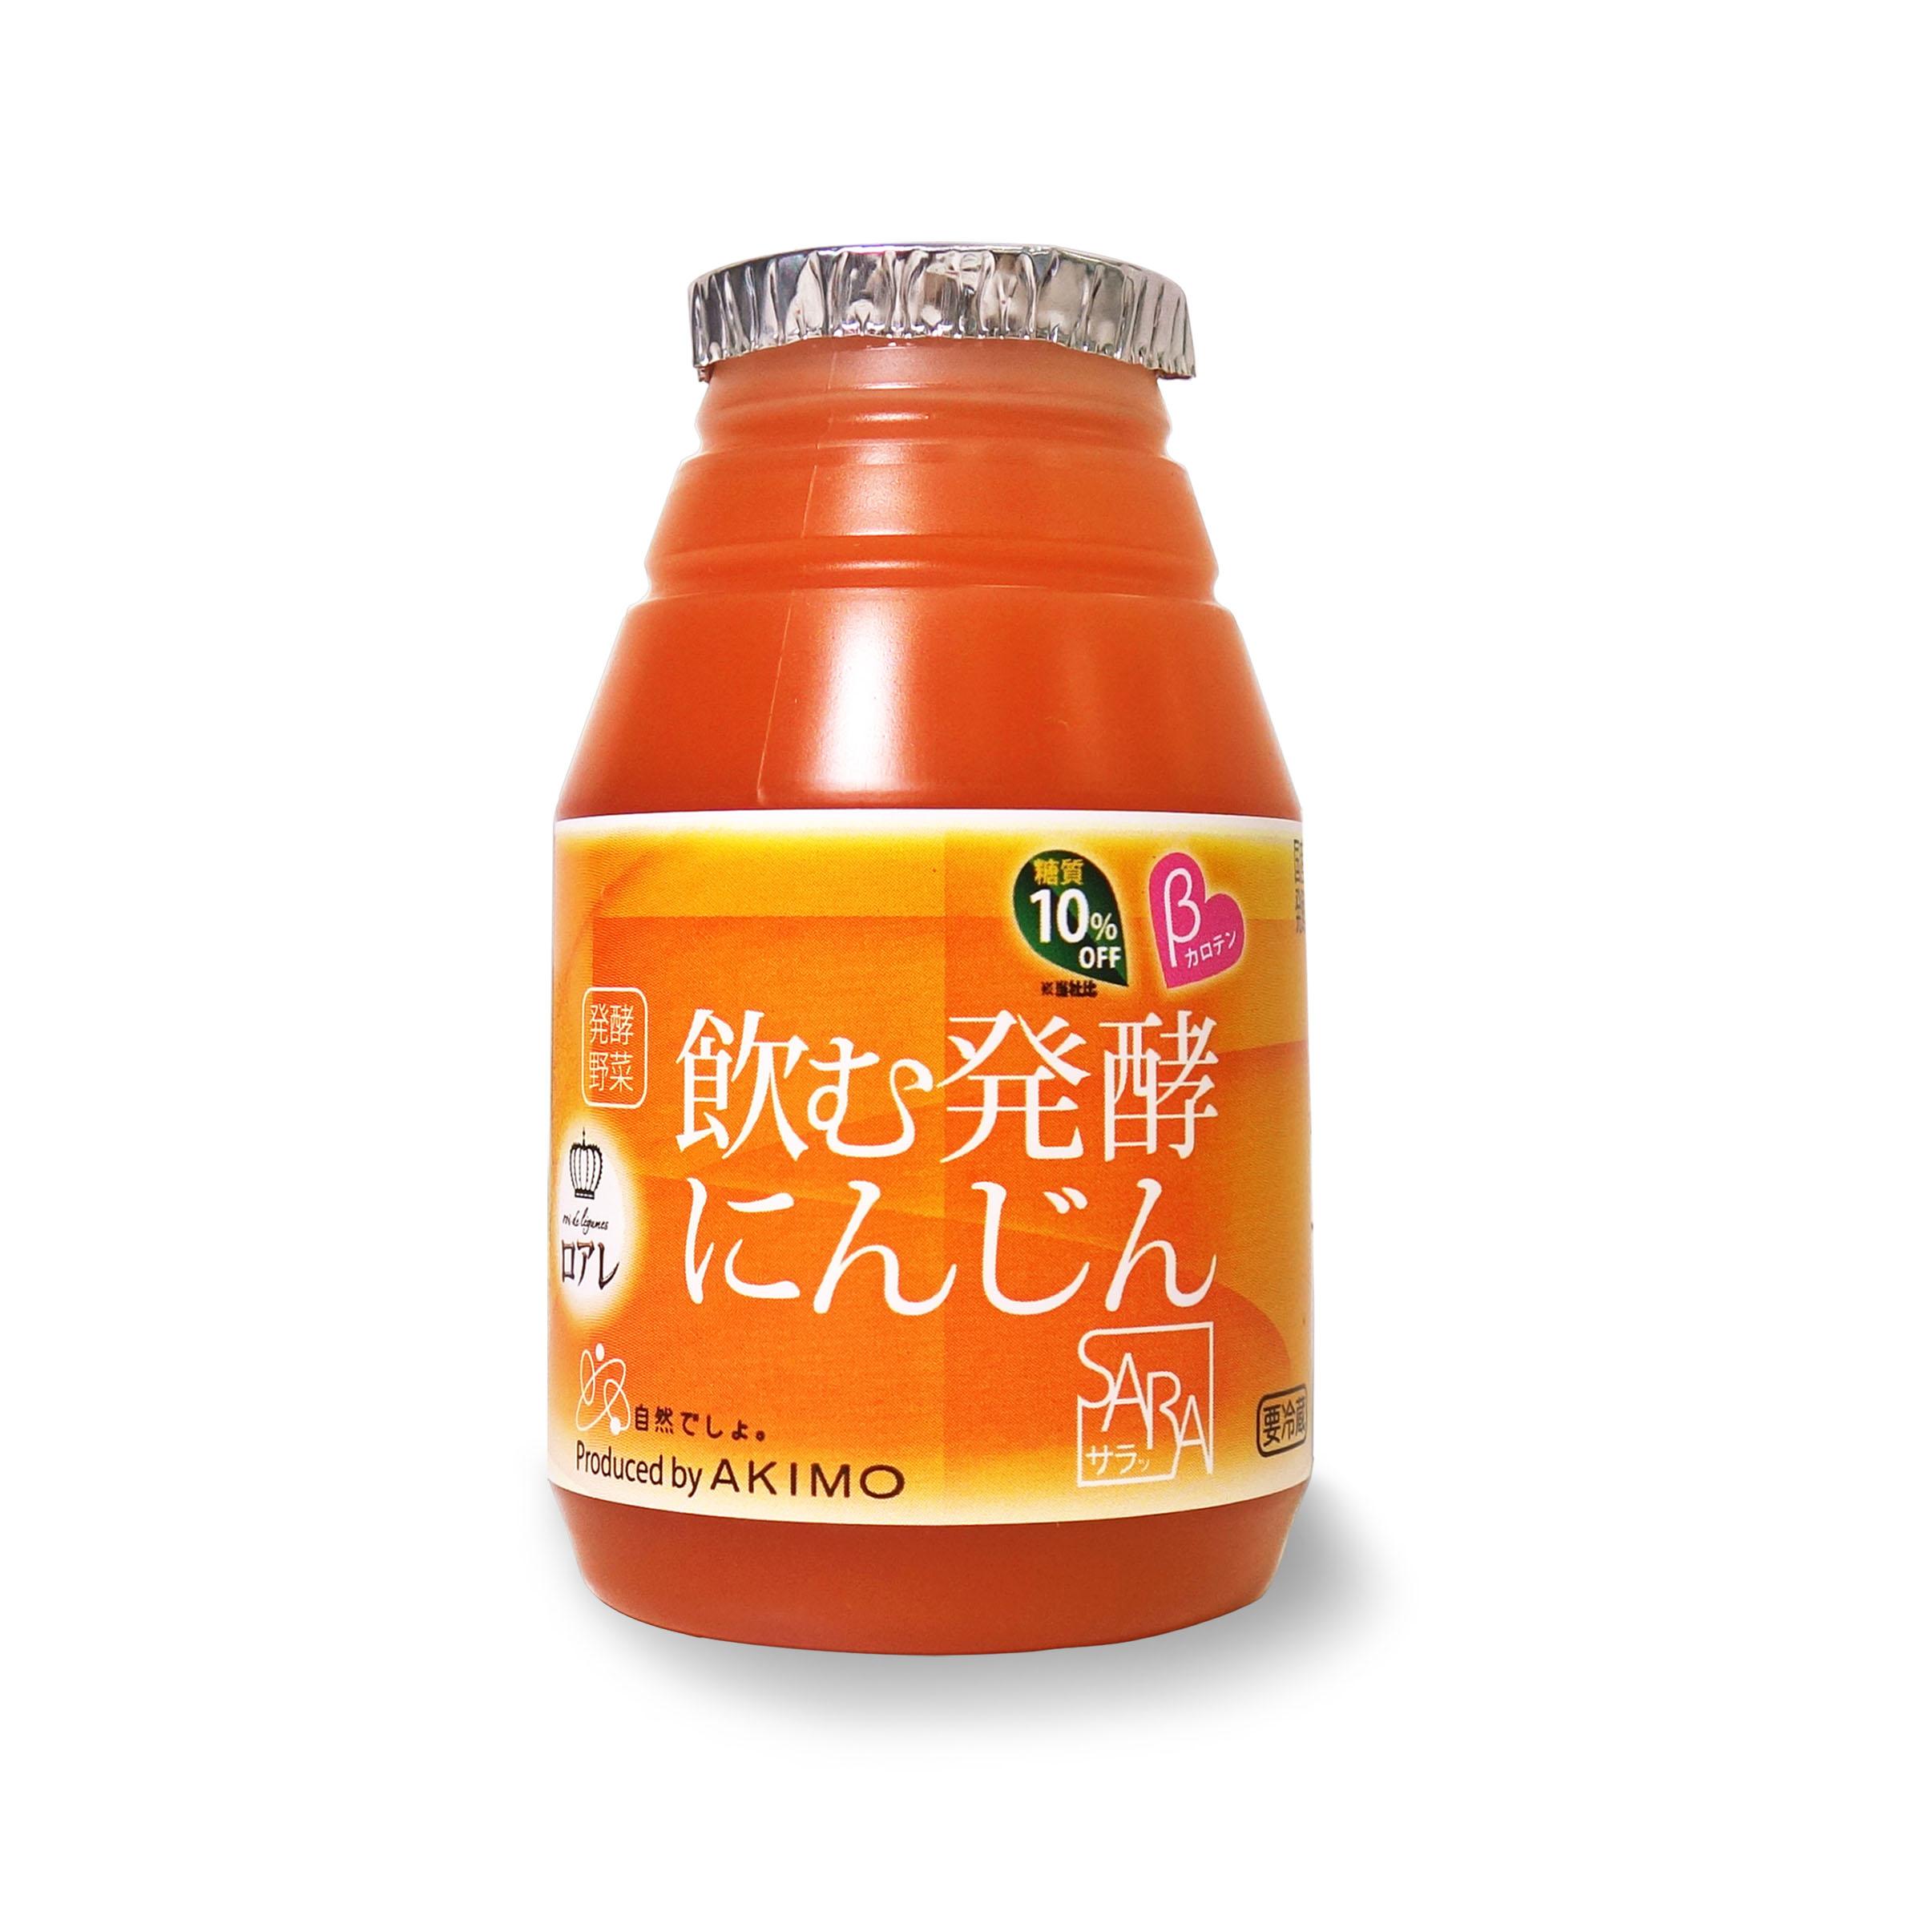 発酵 野菜 にんじん SARA